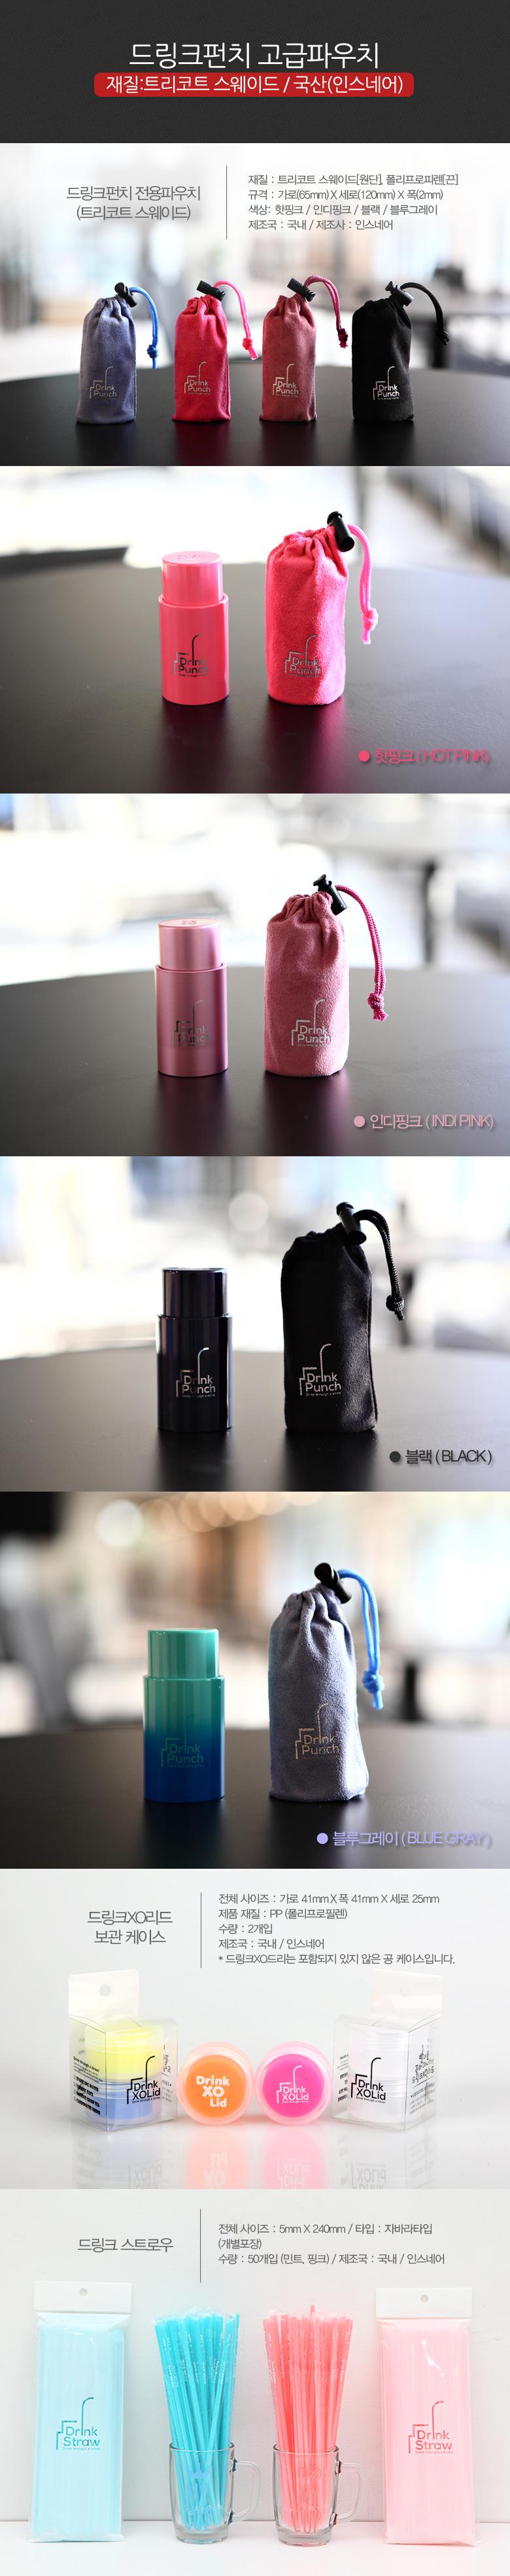 드링크펀치 파우치 드링크XO리드 케이스 빨대 5mm - 라온, 1,600원, 아이디어 상품, 아이디어 상품